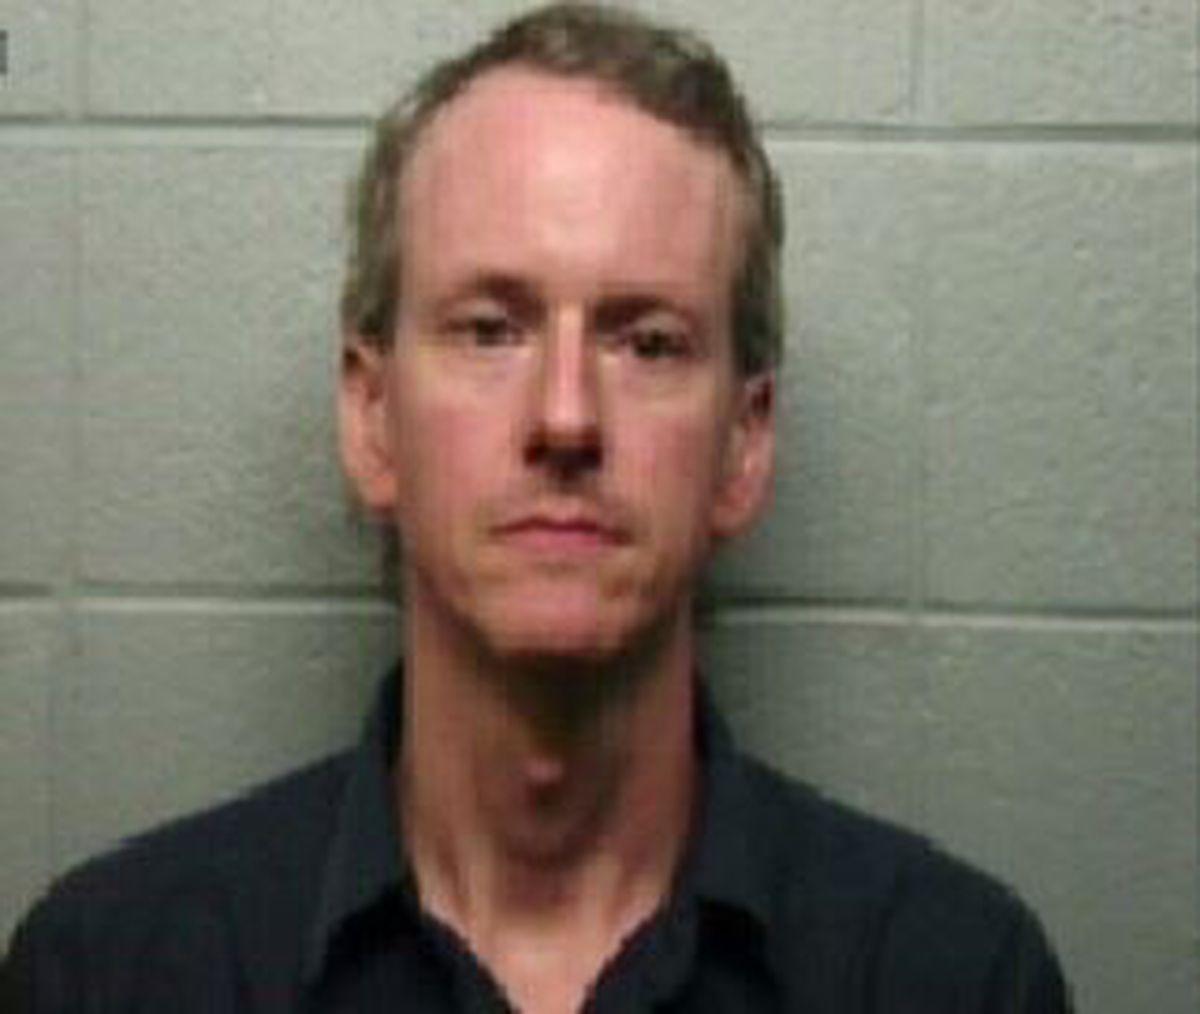 El Dorado, Ar Man Sentenced To 15 Years For Child Pornography For El Dorado Court Calendar